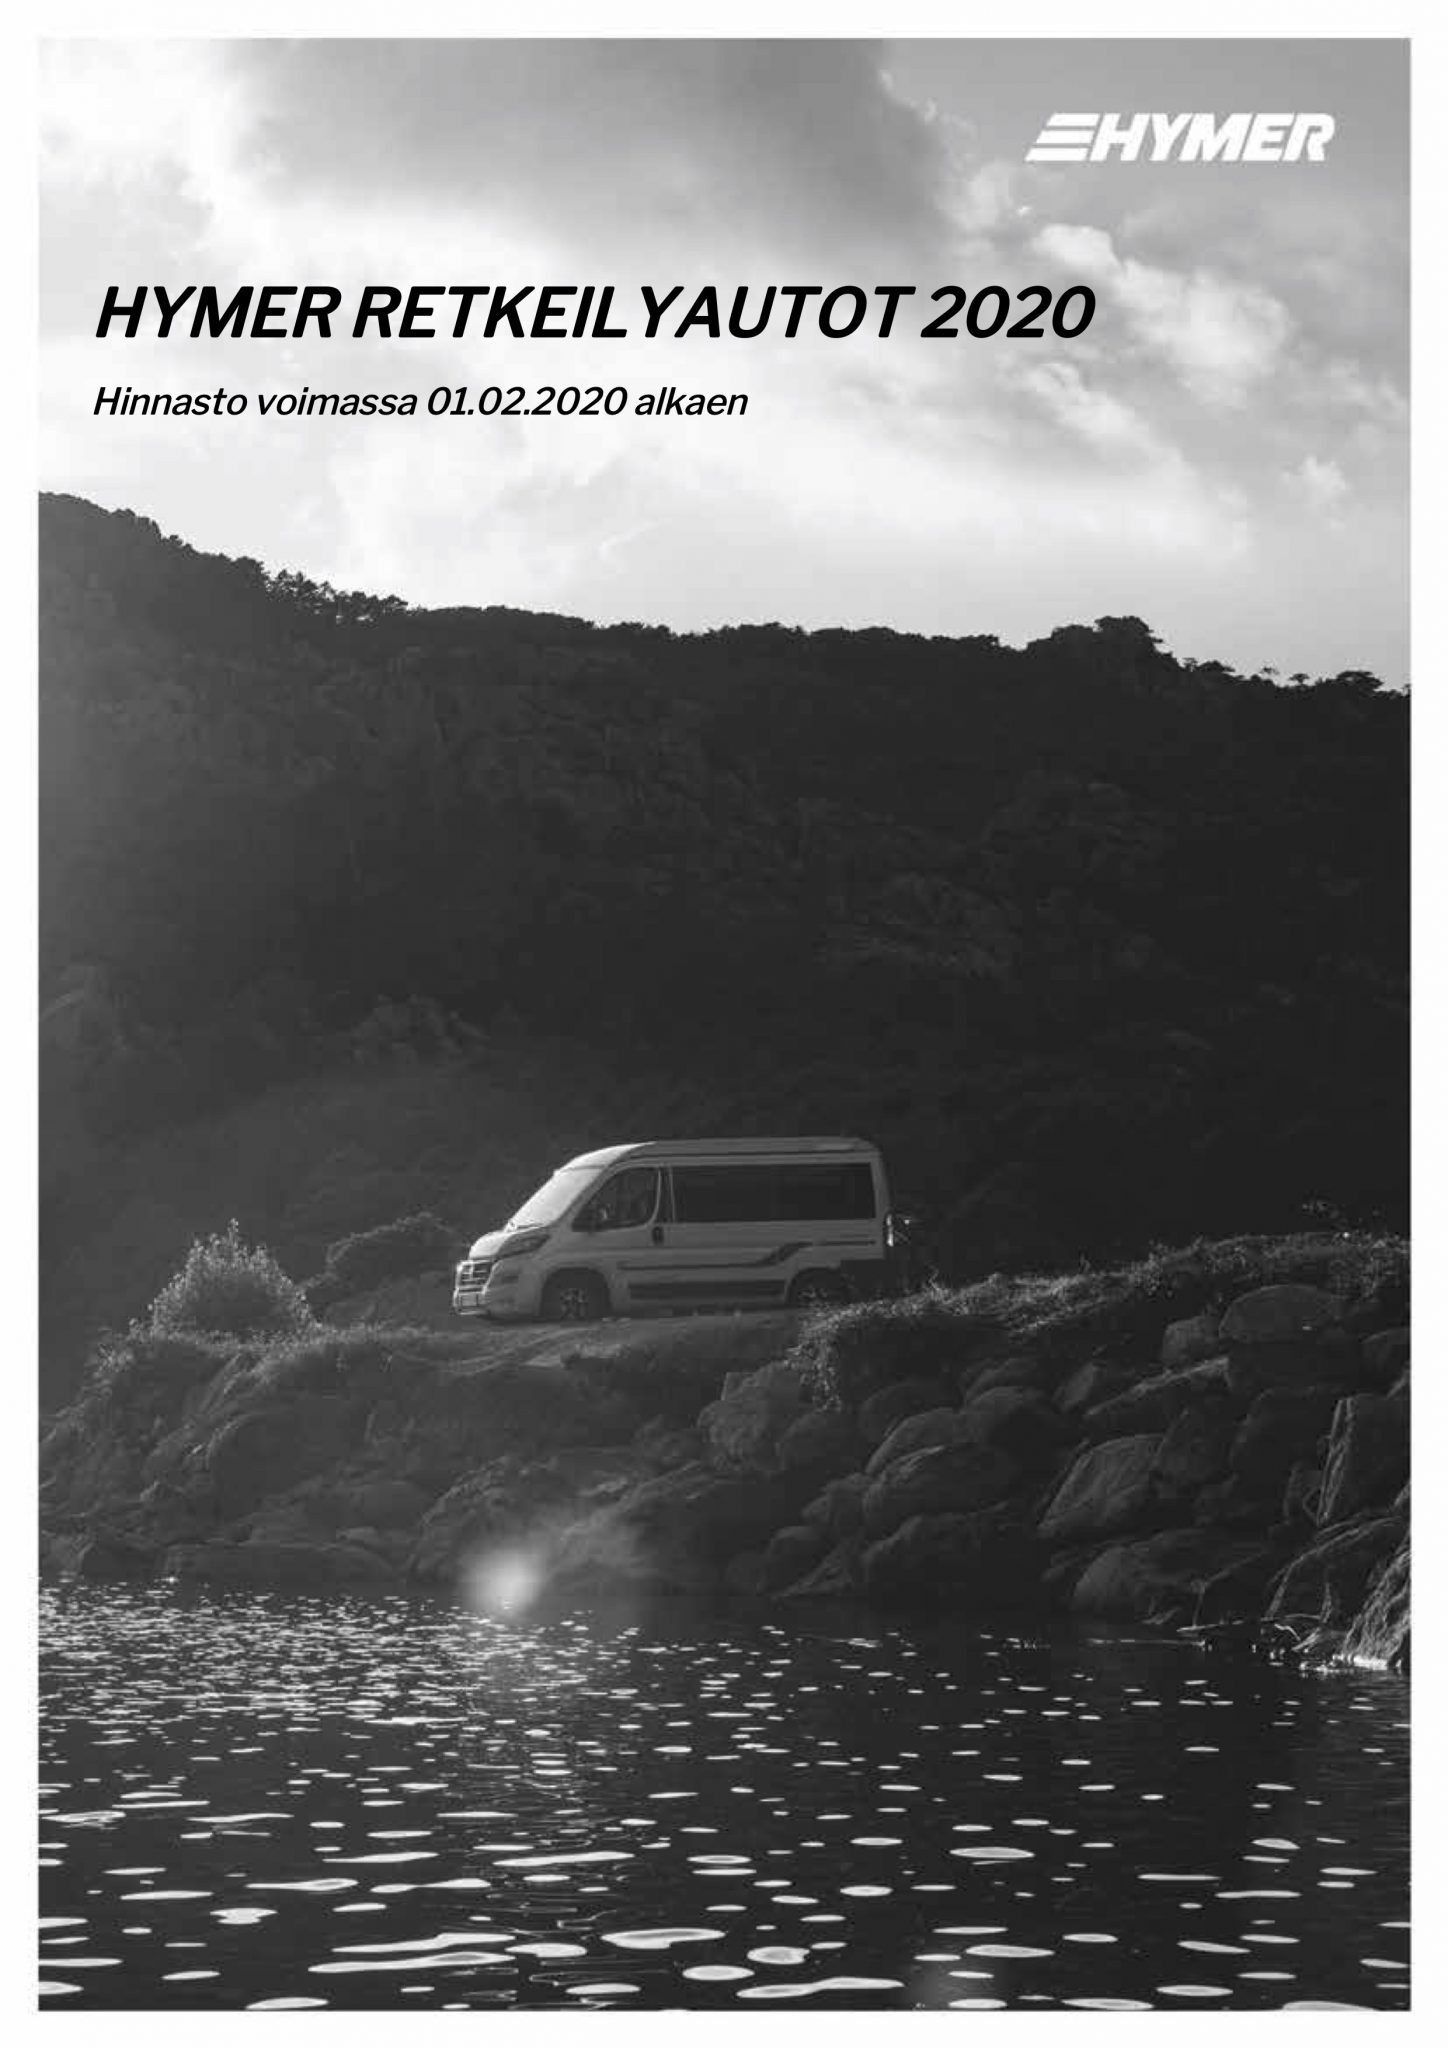 Hymer_CamperVan_Preisliste_FIN_13.03.2020_final